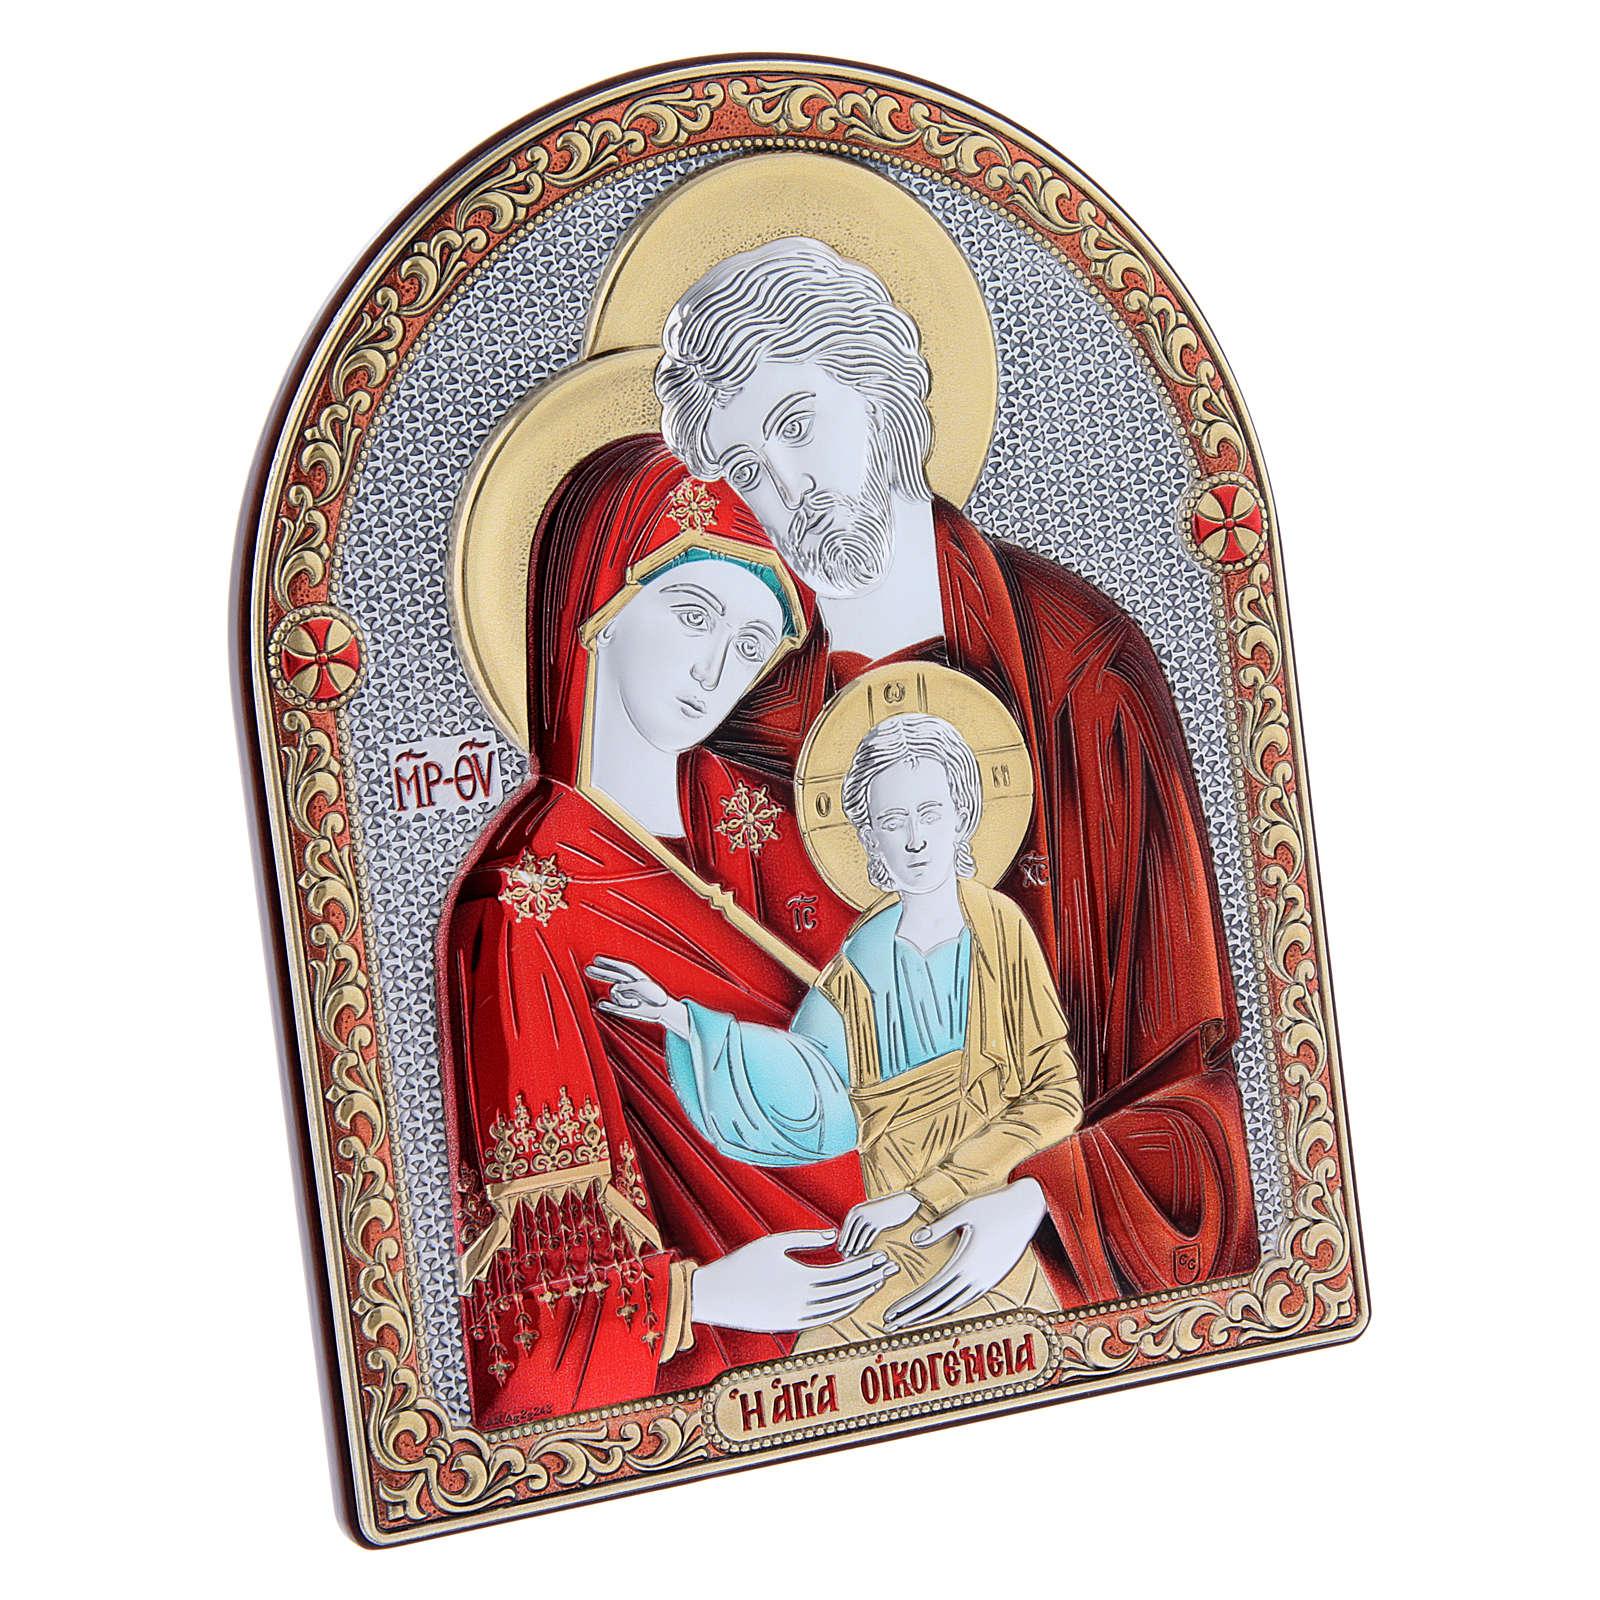 Obraz Święta Rodzina czerwone szaty bilaminat złote wyk. tył prestiżowe drewno 16,7x13,6 cm 4